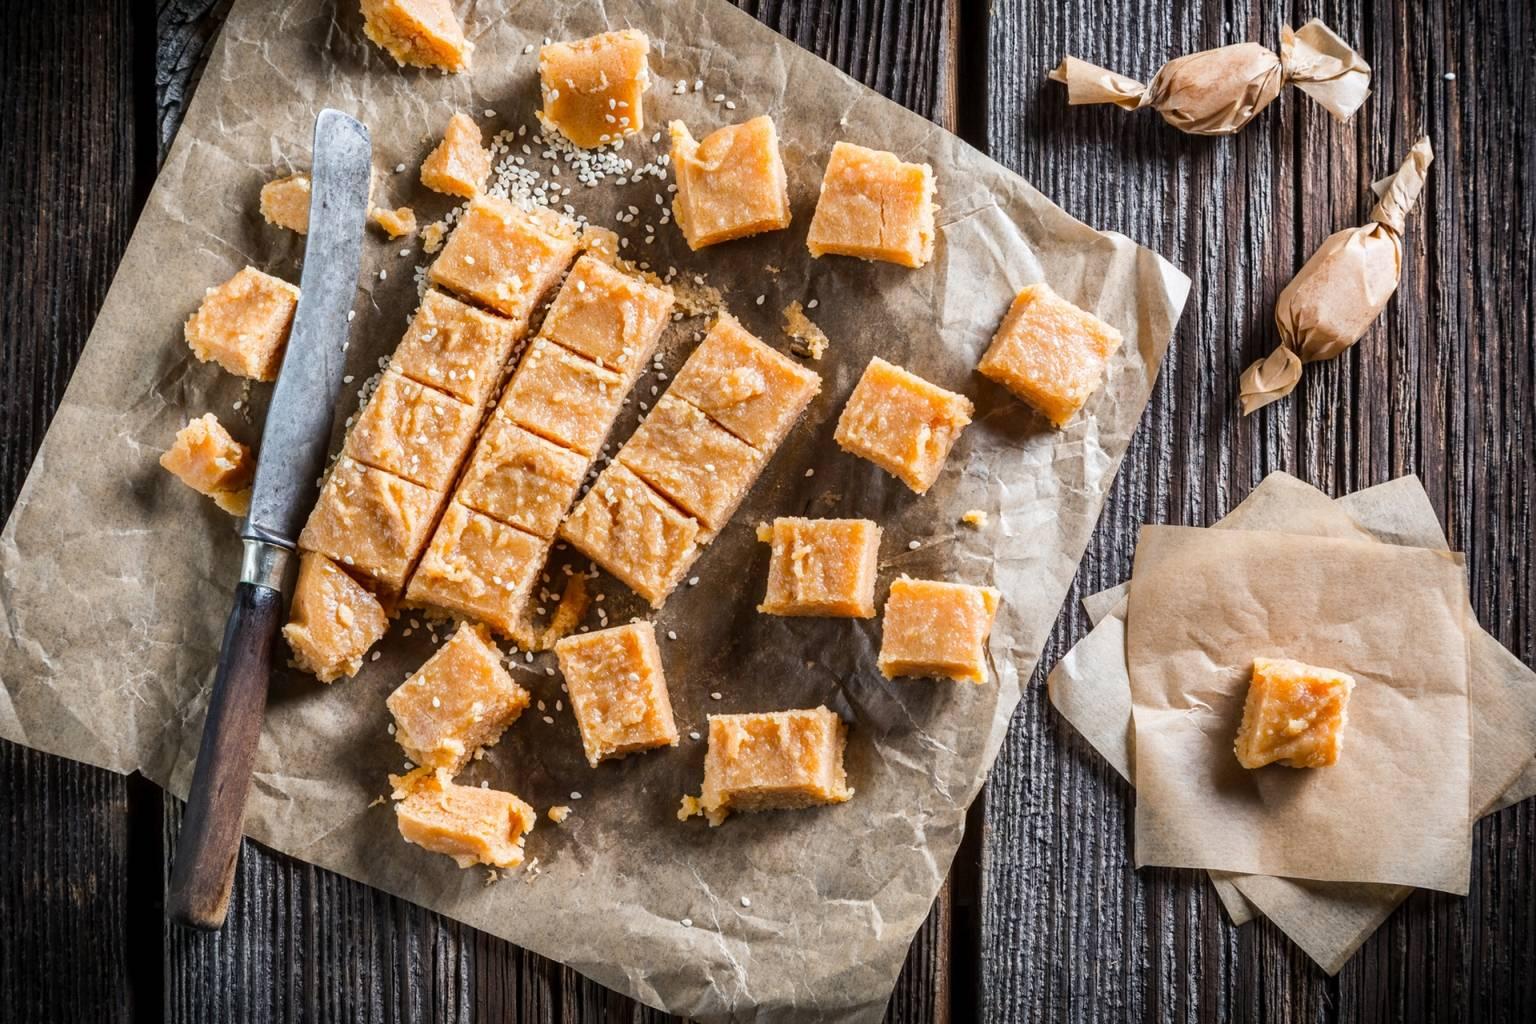 Jak leczyć cukrzycę typu 2? Na ciemnym drewnianym blacie, na papierze do pieczenia leżą pokrojone w kostkę domowe karmelowe cukierki. Obok leży długi nóż z drewnianą rękojeścią.